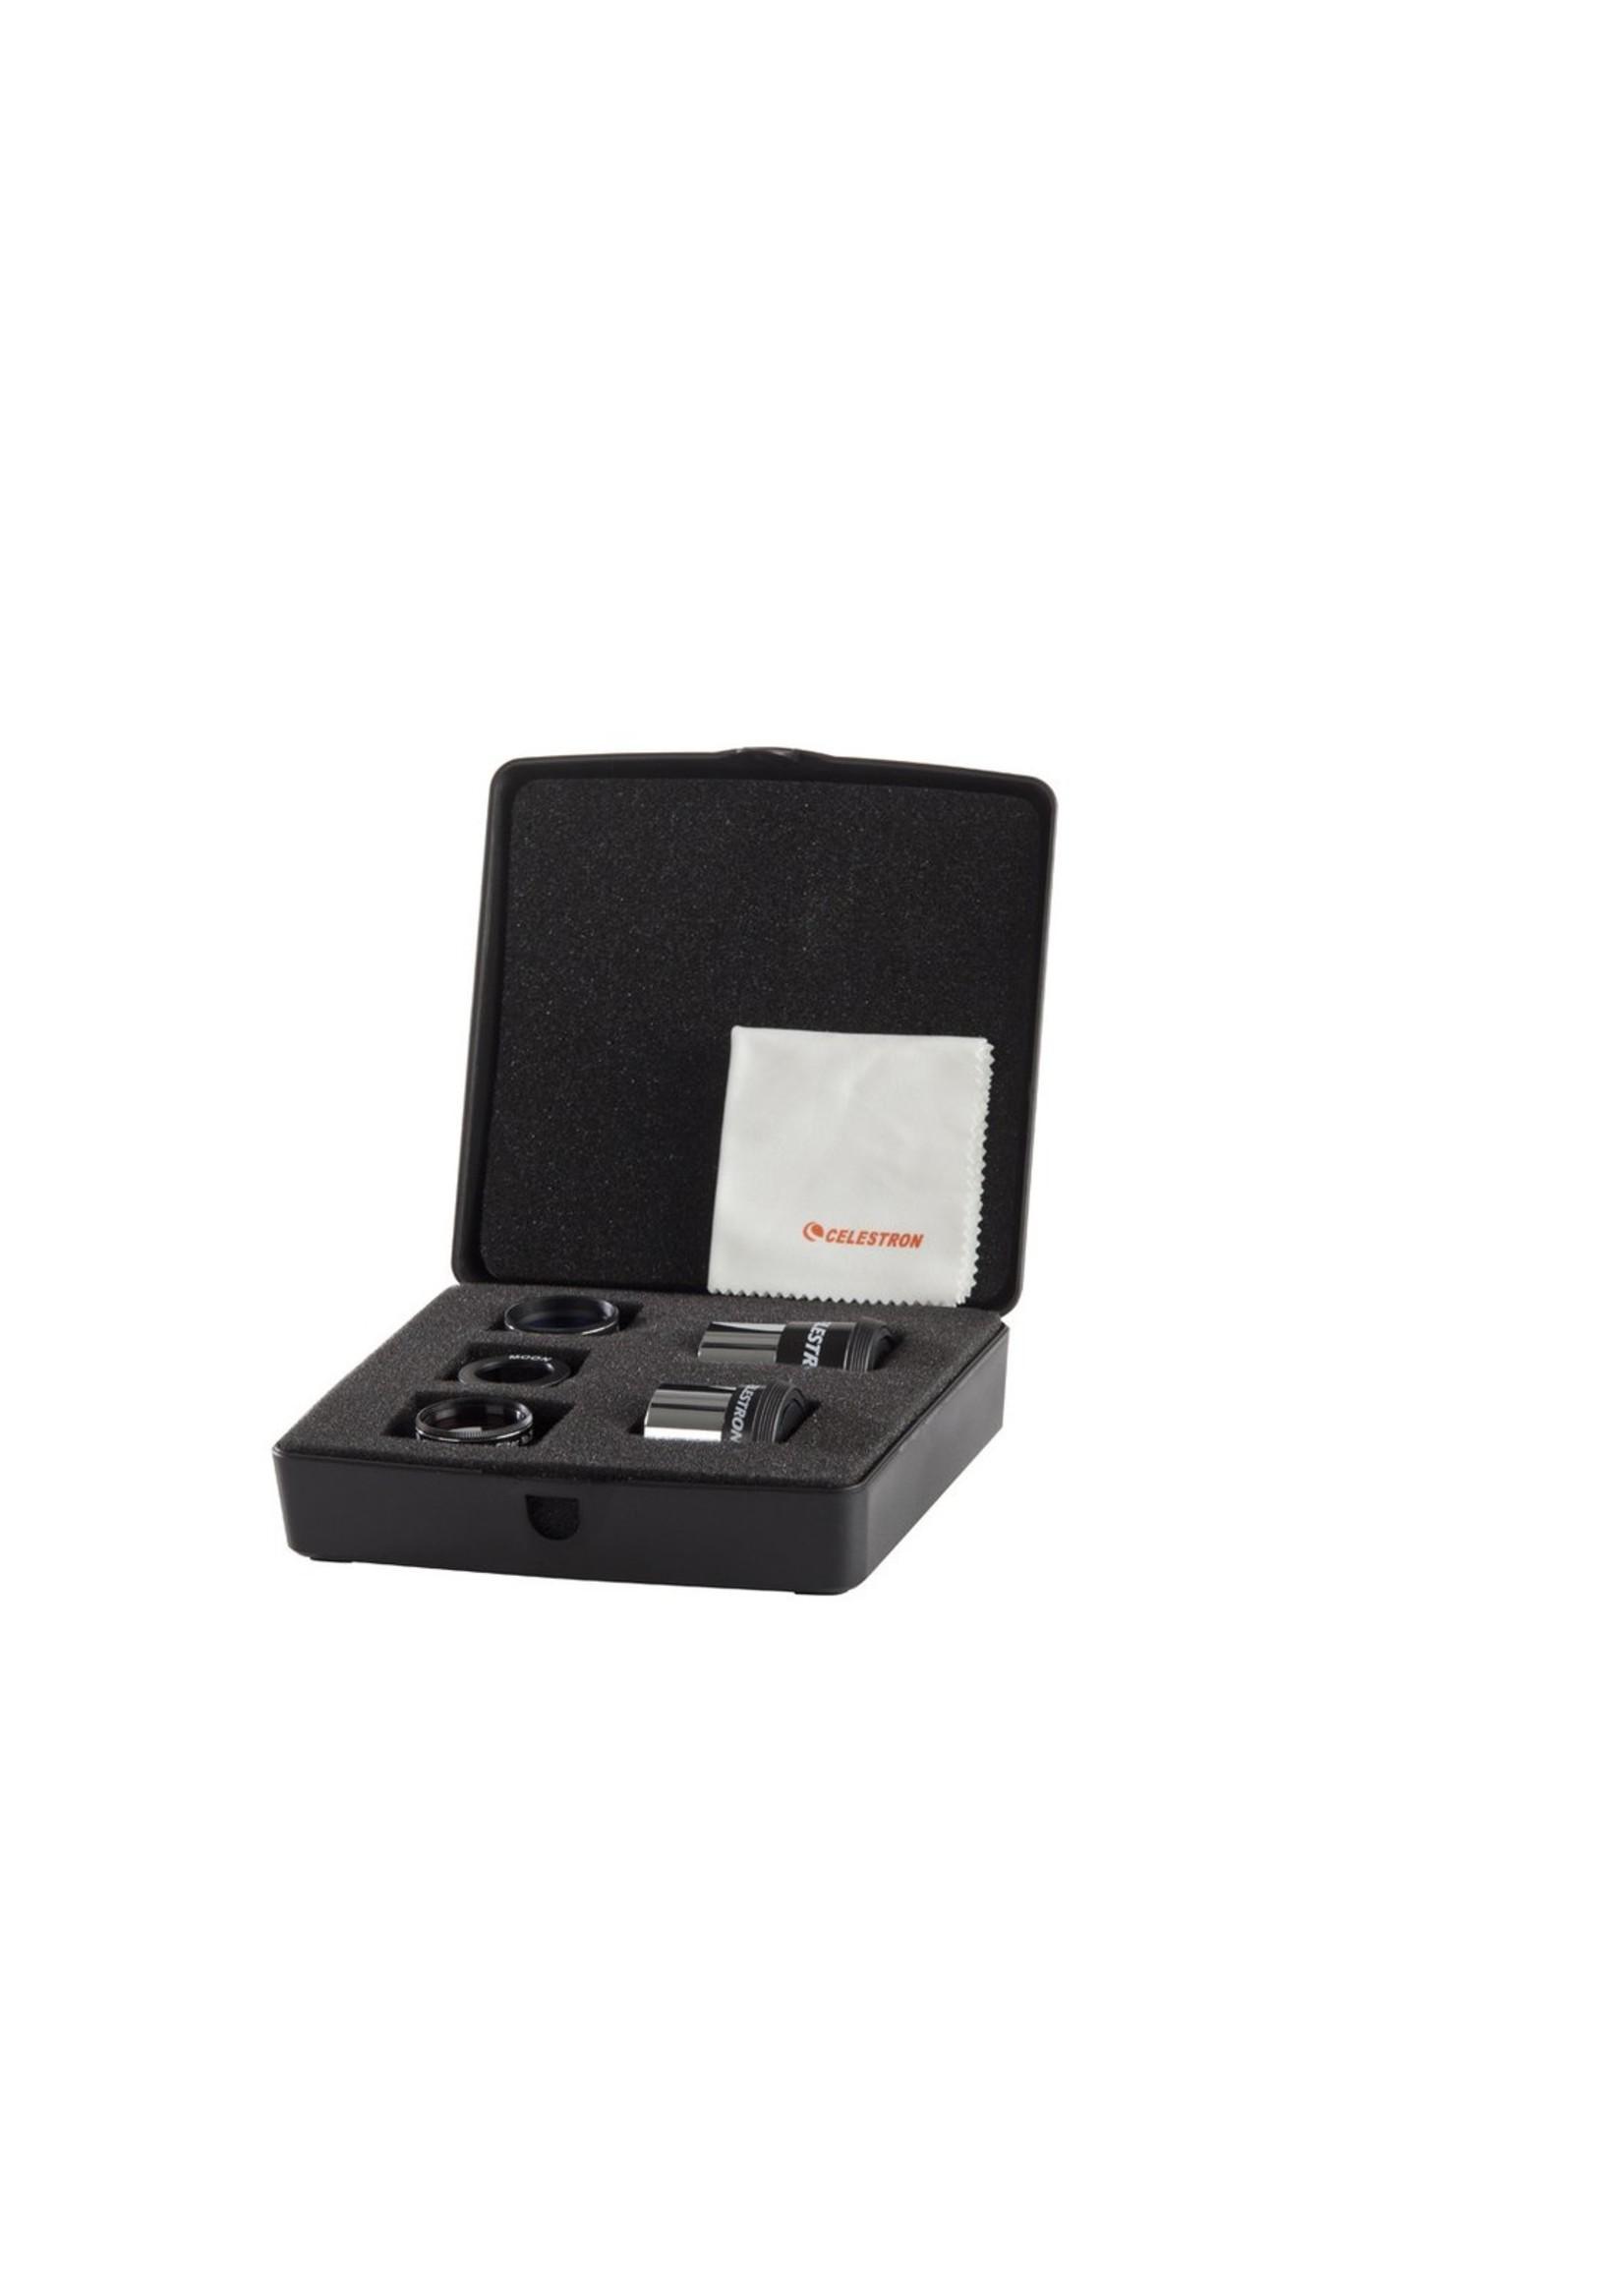 Skywatcher Celestron Power Seeker Access Kit